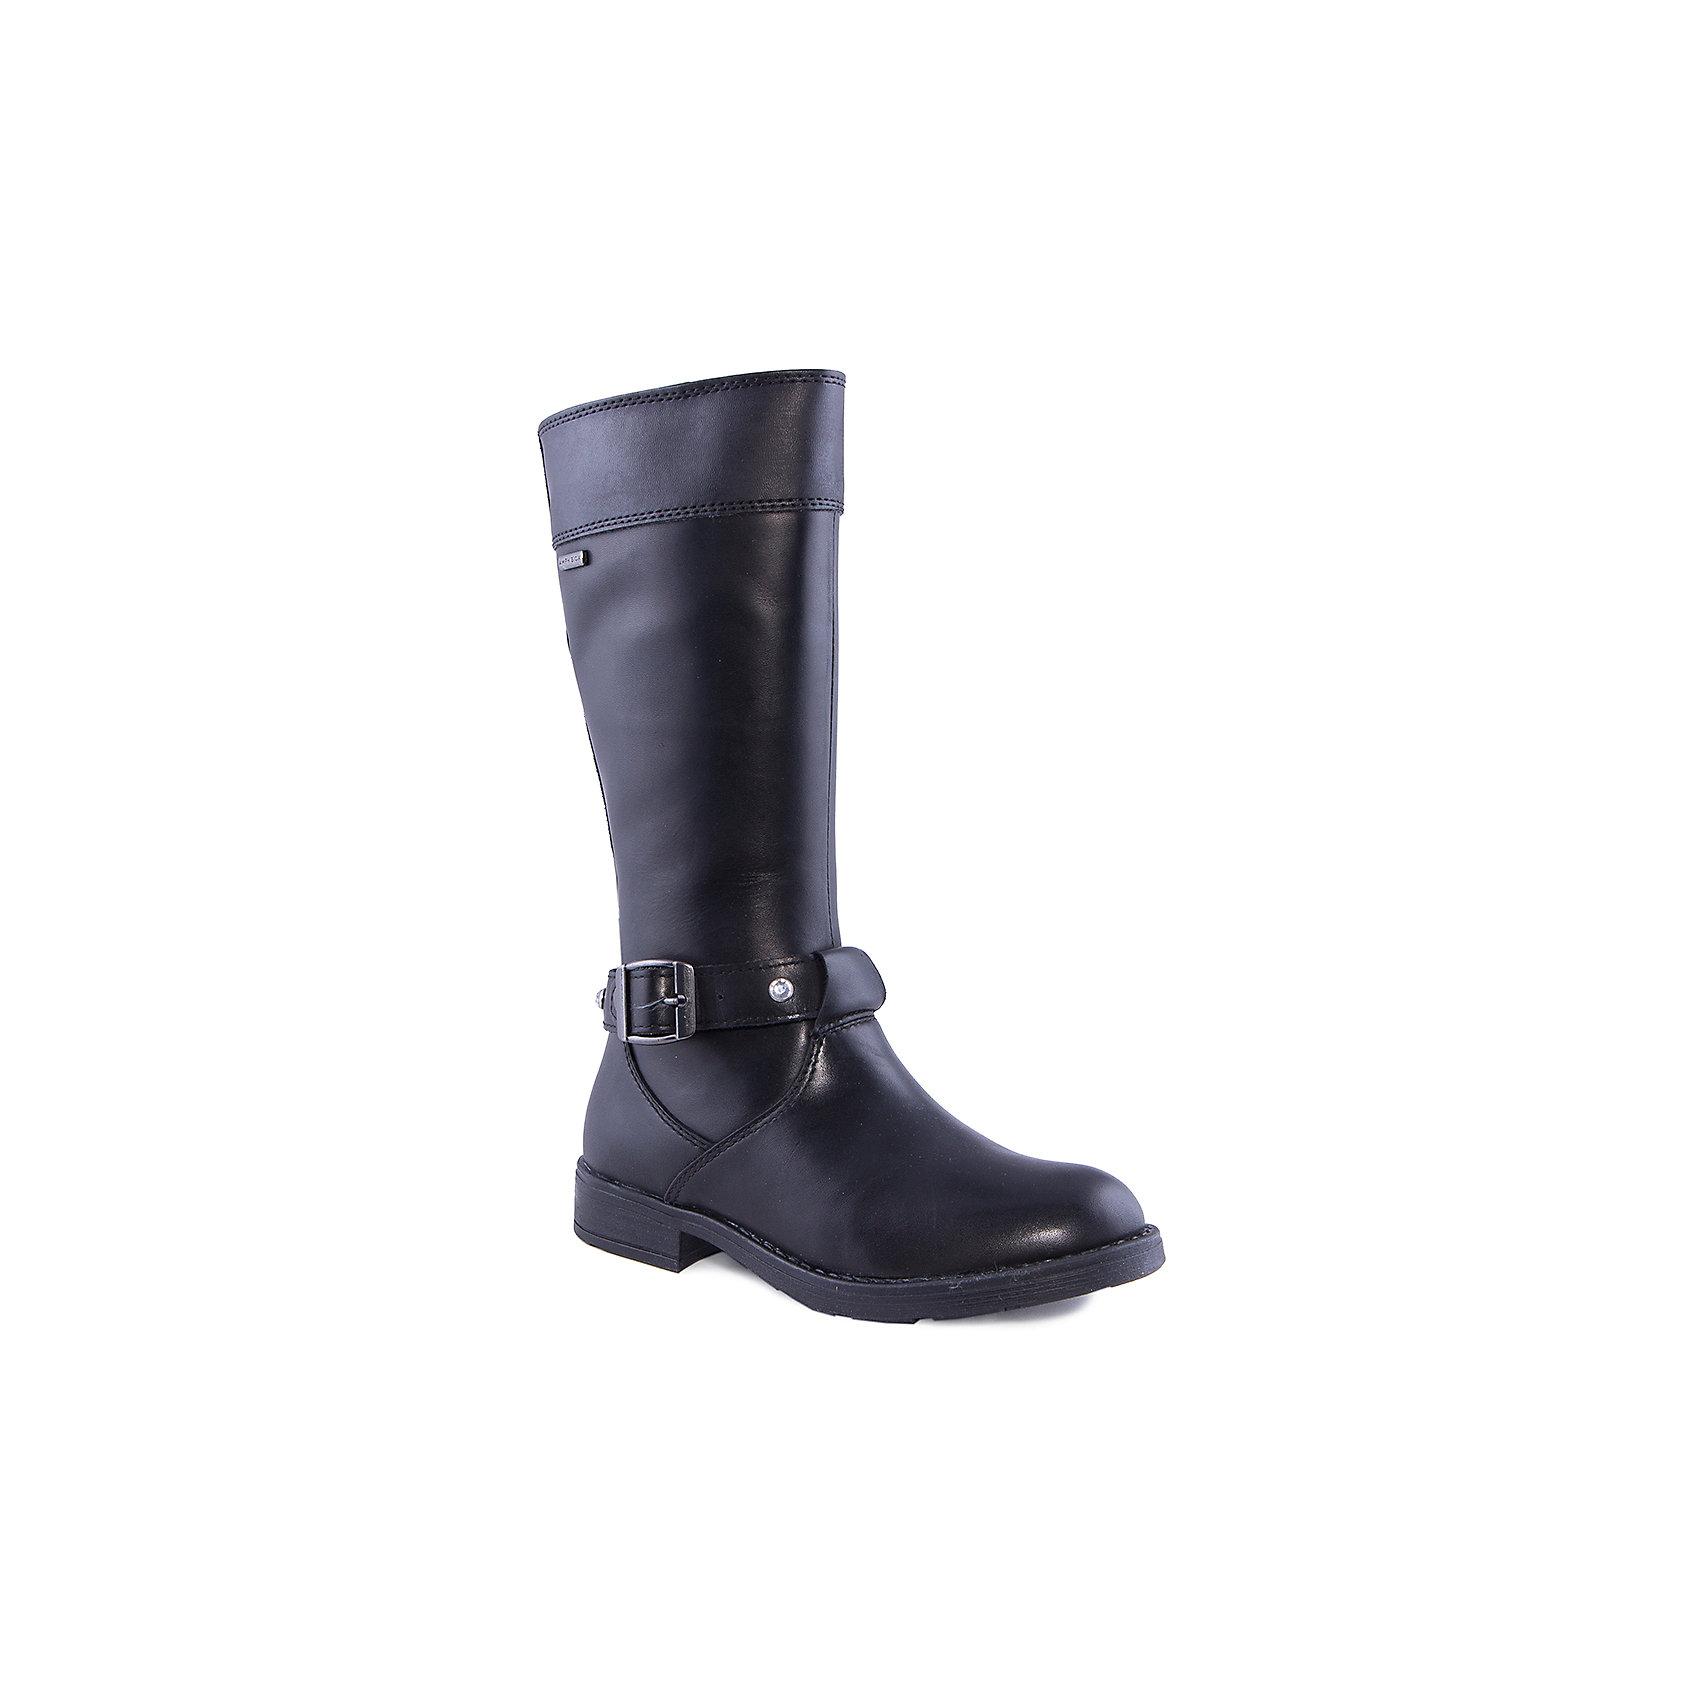 Сапоги для девочки GEOXСапоги для девочки от популярной марки GEOX.<br><br>Черные стильные сапоги - удобная обувь для межсезонья.<br>Производитель обуви GEOX разработал специальную дышащую подошву, которая не пропускает влагу внутрь, а также высокотехнологичную стельку.<br><br>Отличительные особенности модели:<br><br>- цвет: черный;<br>- застежка-молния сбоку;<br>- украшены пряжкой со стразами;<br>- небольшой каблук;<br>- высокое голенище;<br>- гибкая водоотталкивающая подошва с дышащей мембраной;<br>- мягкий и легкий верх;<br>- защита пятки и пальцев;<br>- эргономичная форма;<br>- удобная застежка-молния сбоку;<br>- комфортное облегание;<br>- ударопрочная антибактериальная стелька;<br>- верх обуви и подкладка сделаны без использования хрома.<br><br>Дополнительная информация:<br><br>- Температурный режим: от 0° С  до 15° С.<br><br>- Состав:<br><br>материал верха: синтетика / кожа<br>материал подкладки: текстиль / кожа<br>подошва: полимер<br><br>Сапоги для девочки GEOX (Геокс) можно купить в нашем магазине.<br><br>Ширина мм: 257<br>Глубина мм: 180<br>Высота мм: 130<br>Вес г: 420<br>Цвет: черный<br>Возраст от месяцев: 156<br>Возраст до месяцев: 168<br>Пол: Женский<br>Возраст: Детский<br>Размер: 33,34,32,38,39,36,35,37,31<br>SKU: 4178844